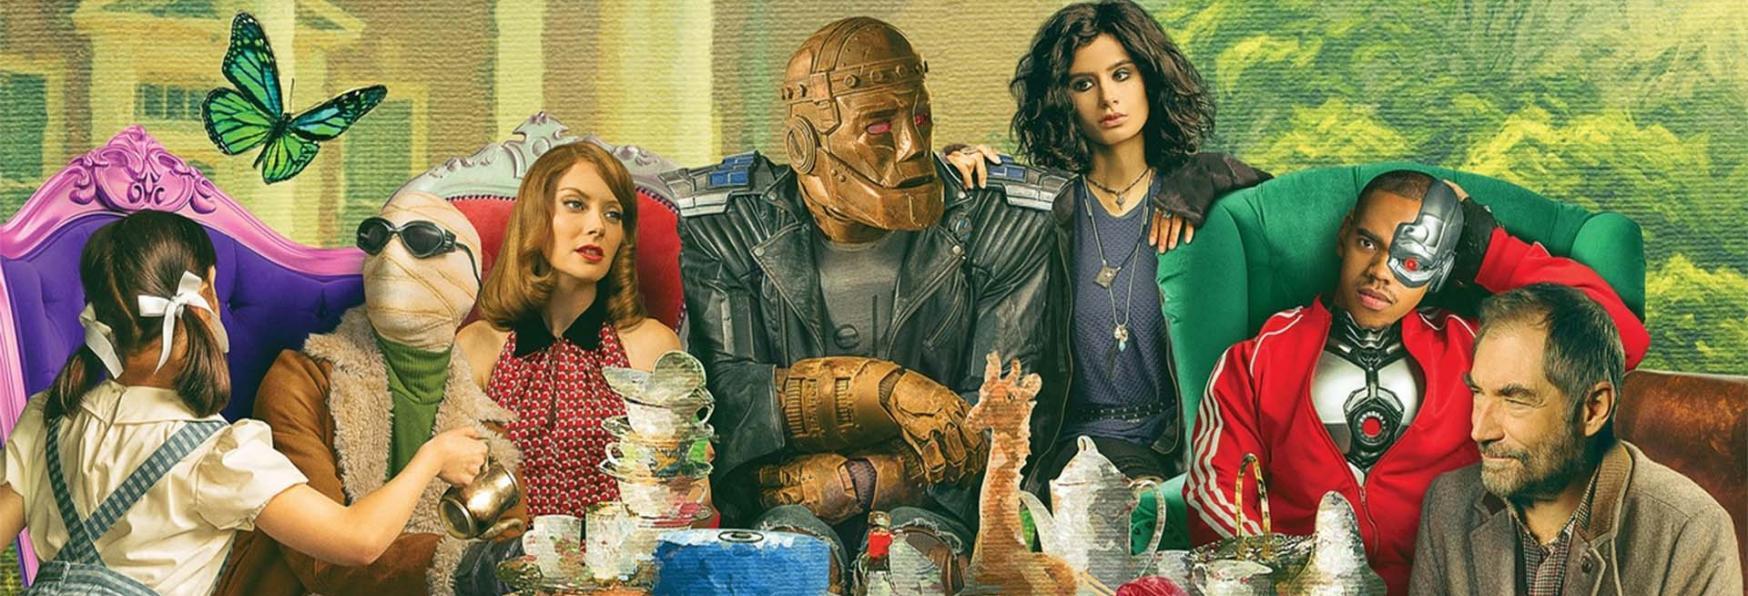 Doom Patrol 2: in arrivo la nuova Stagione della Serie TV HBO. Tutte le Informazioni Note